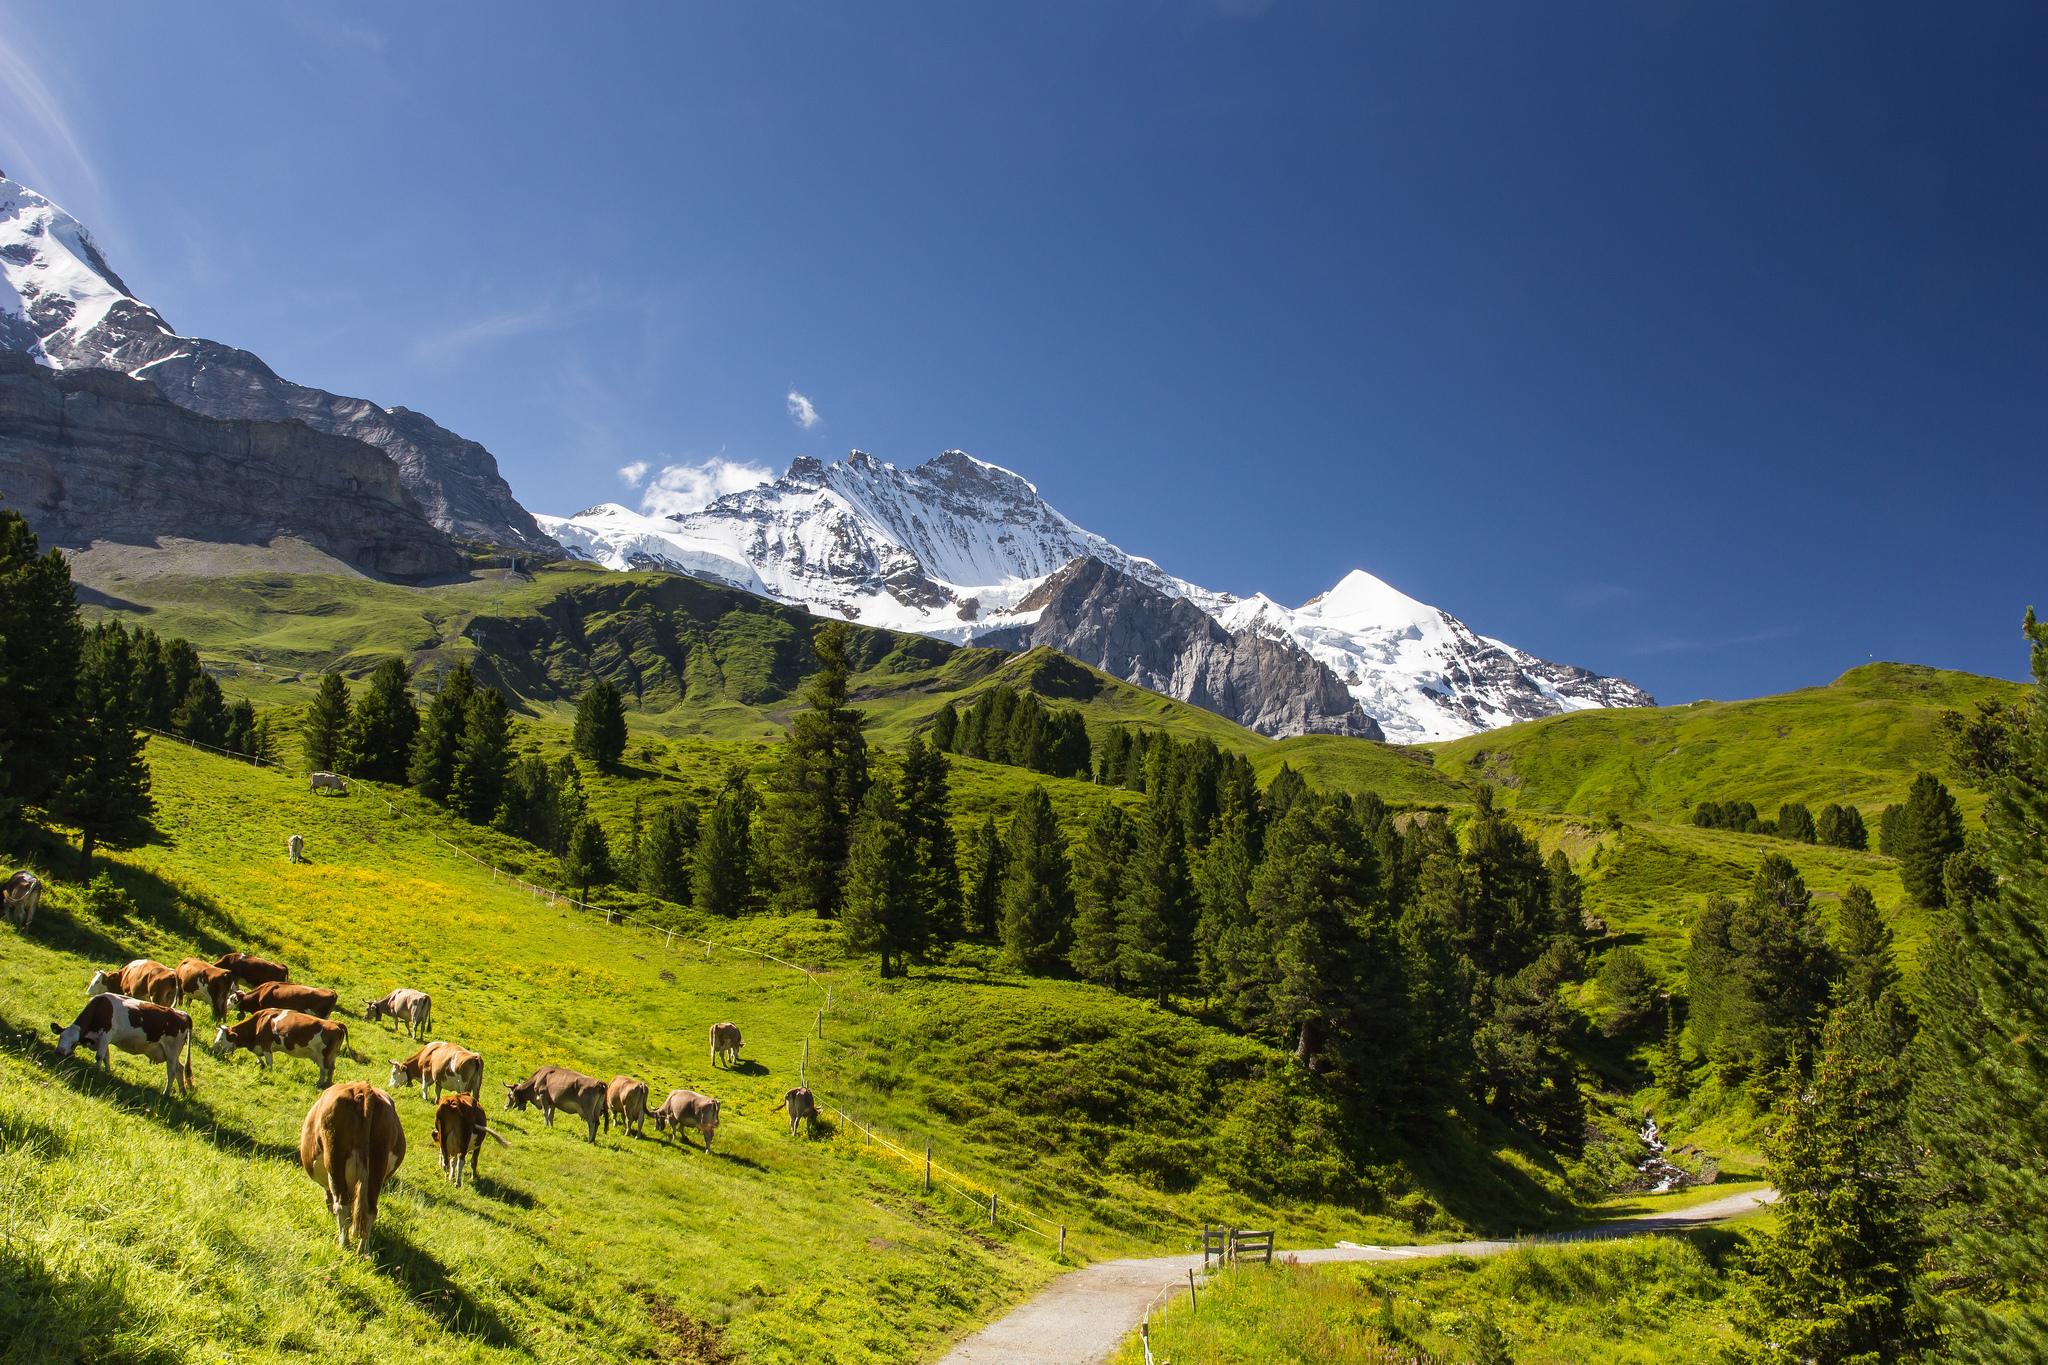 Горы_Альпы_Alps_Alpes_Alpi_коровы_пасутся_у_Альп_в_горах_Европа